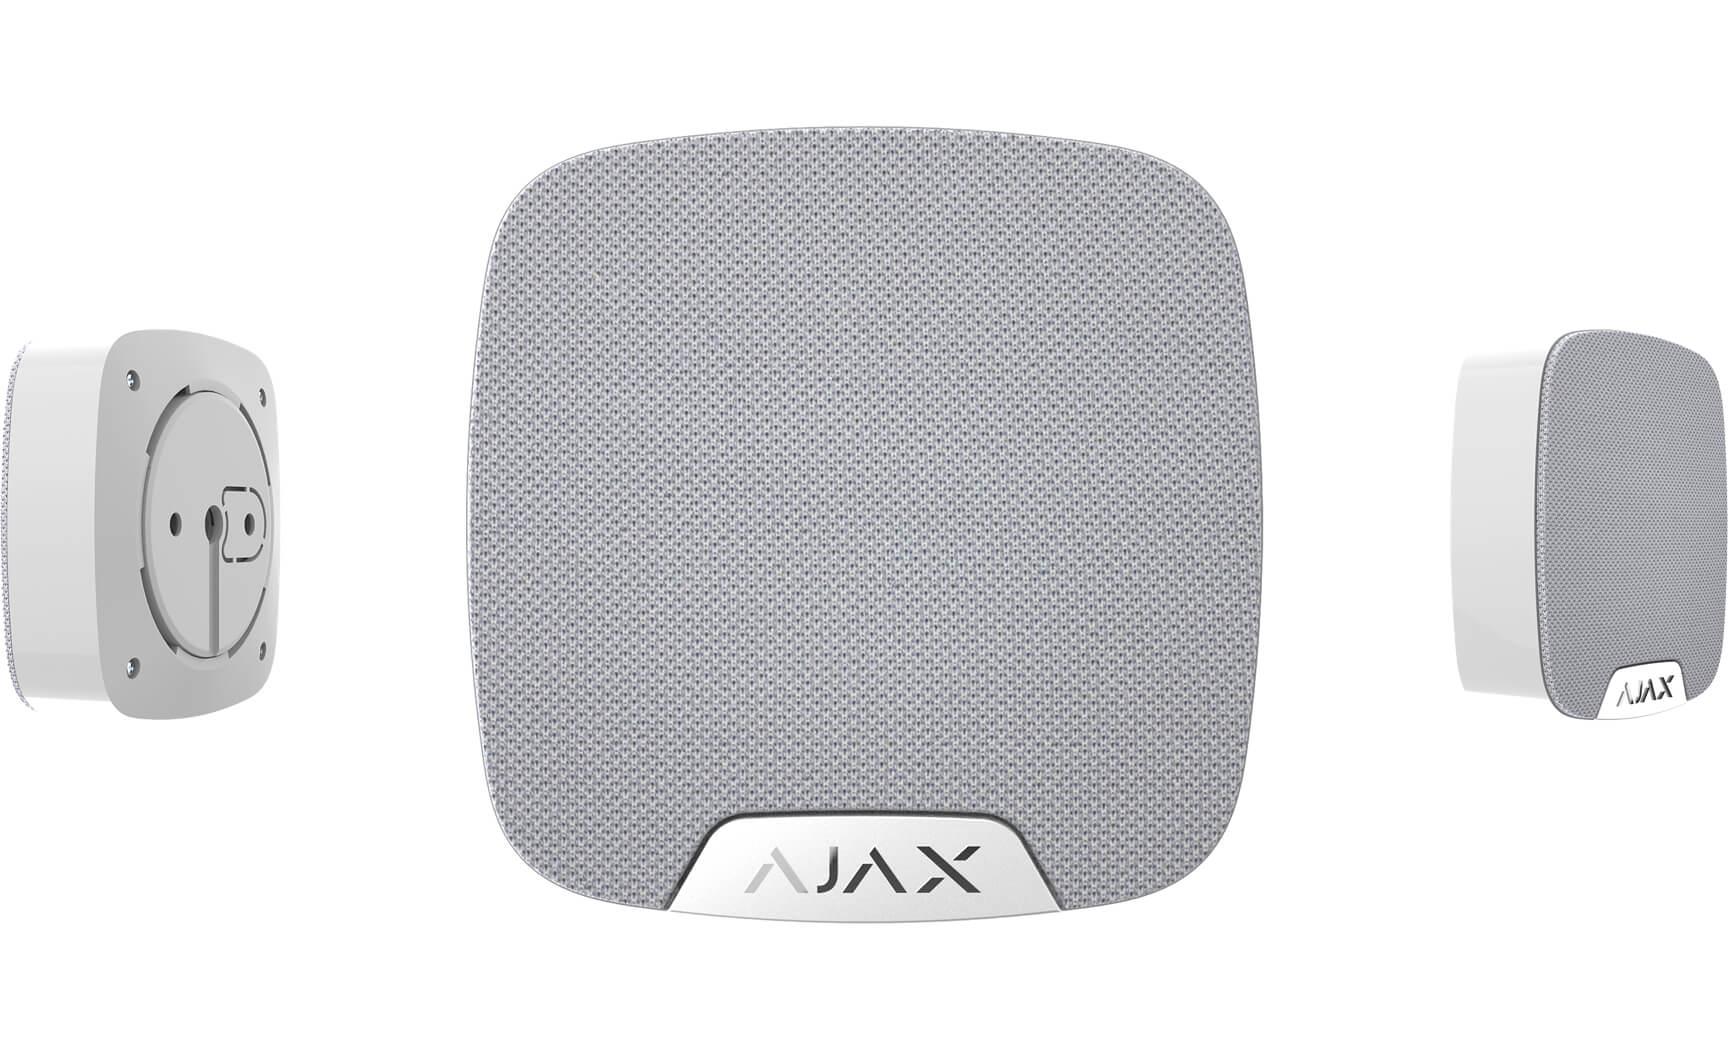 AJAX Innensirene 002